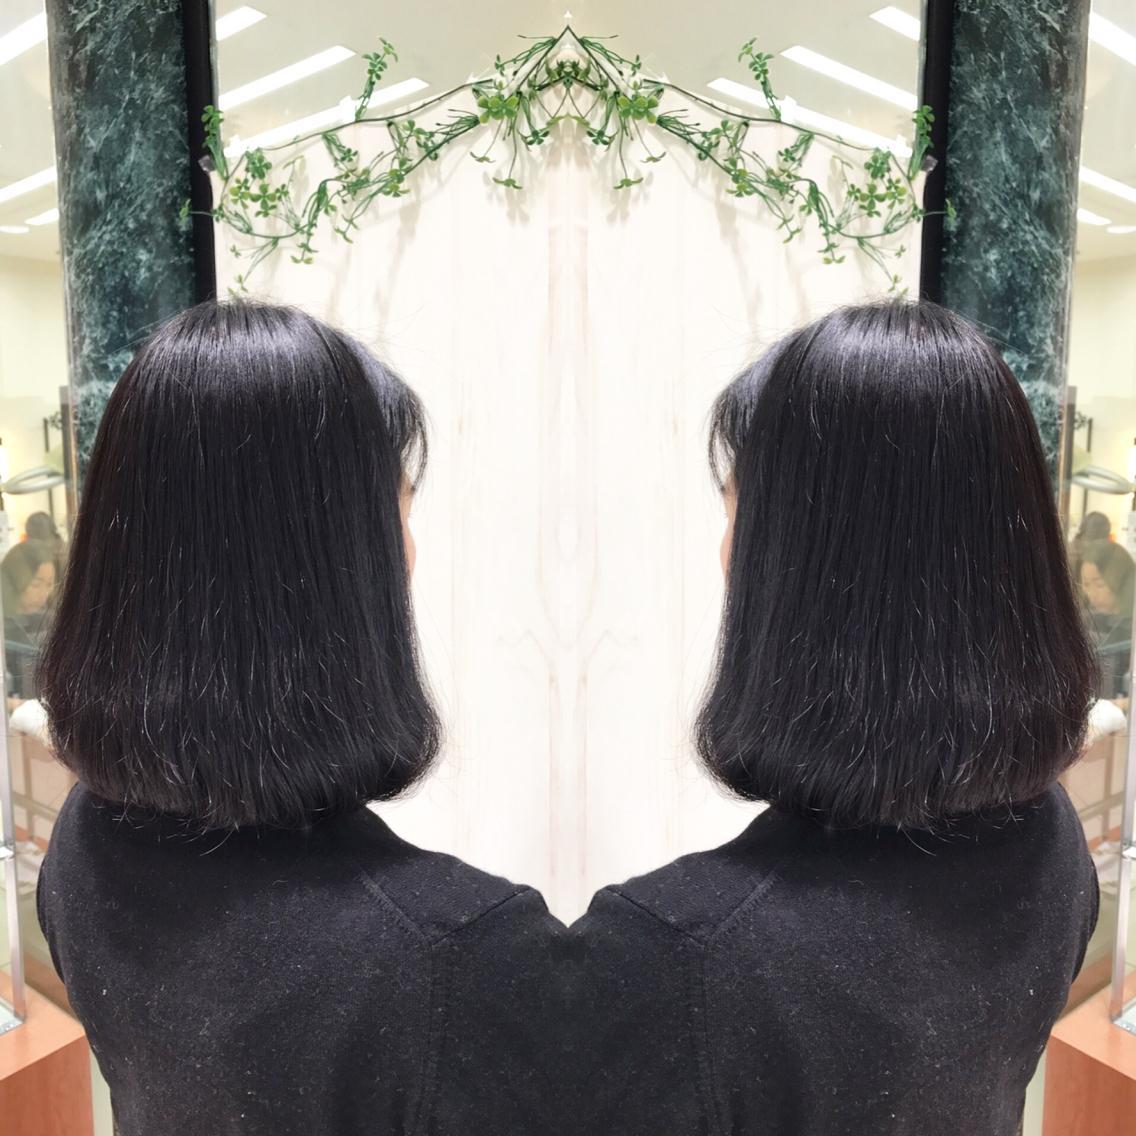 #ミディアム #パーマ 広がりを抑えたい方へ…縮毛矯正でサラサラな髪へ💇✨